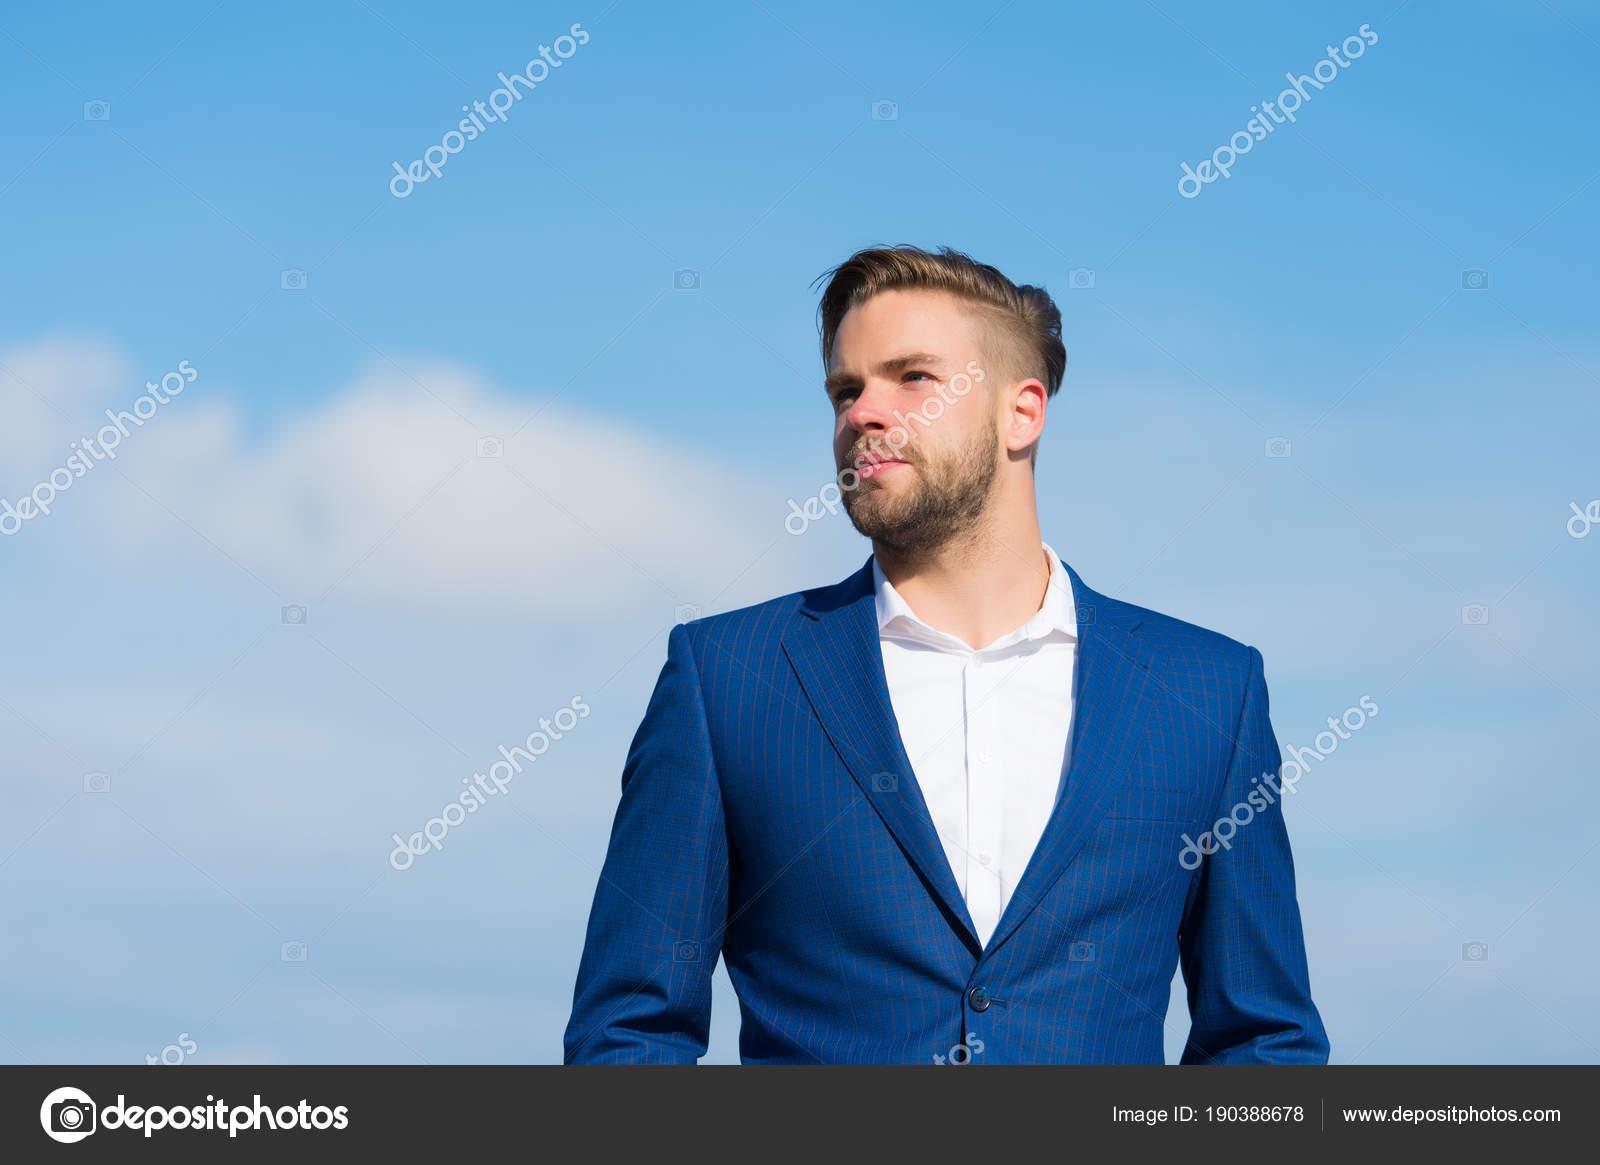 f46bb5414 Hombre con barba en el cielo azul. Gerente en traje de negocios al aire  libre. Empresario en día soleado. Moda de negocios